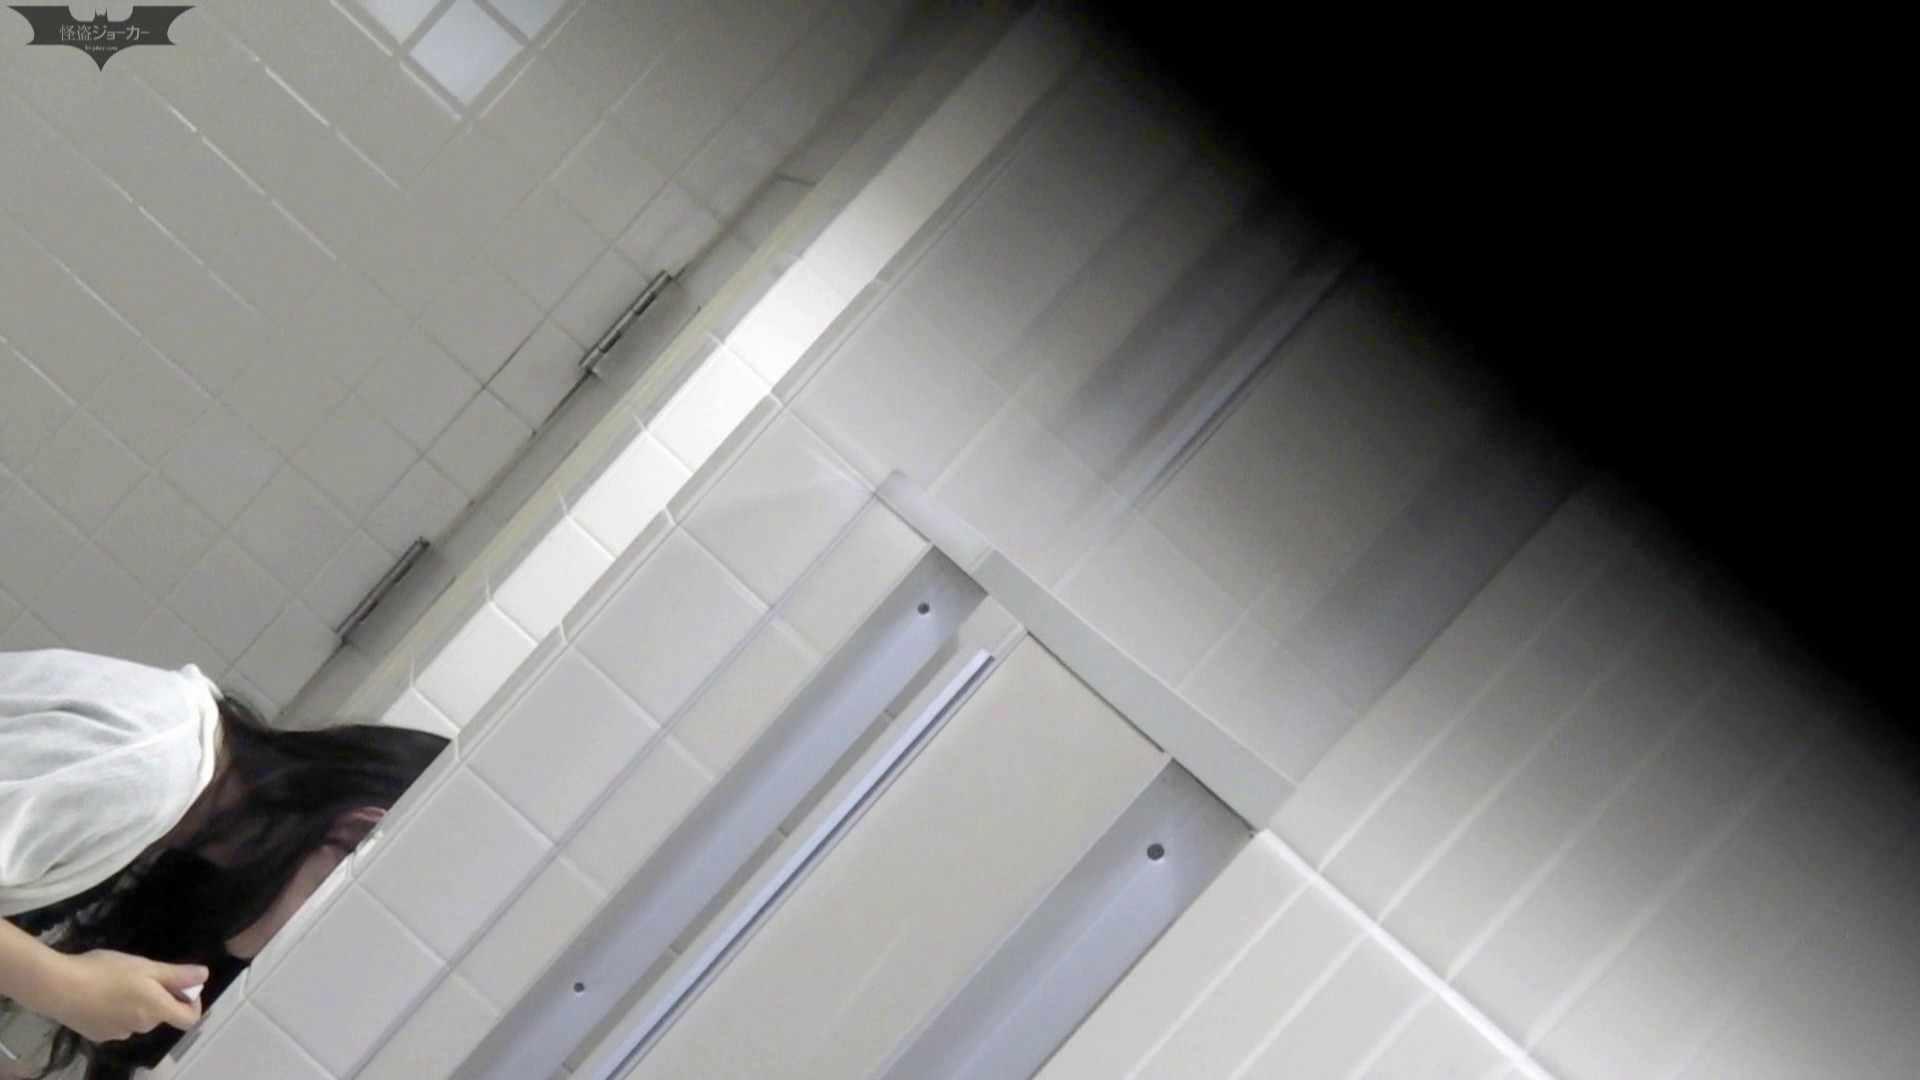 お銀 vol.68 無謀に通路に飛び出て一番明るいフロント撮り実現、見所満載 OL | 美人コレクション  57連発 38